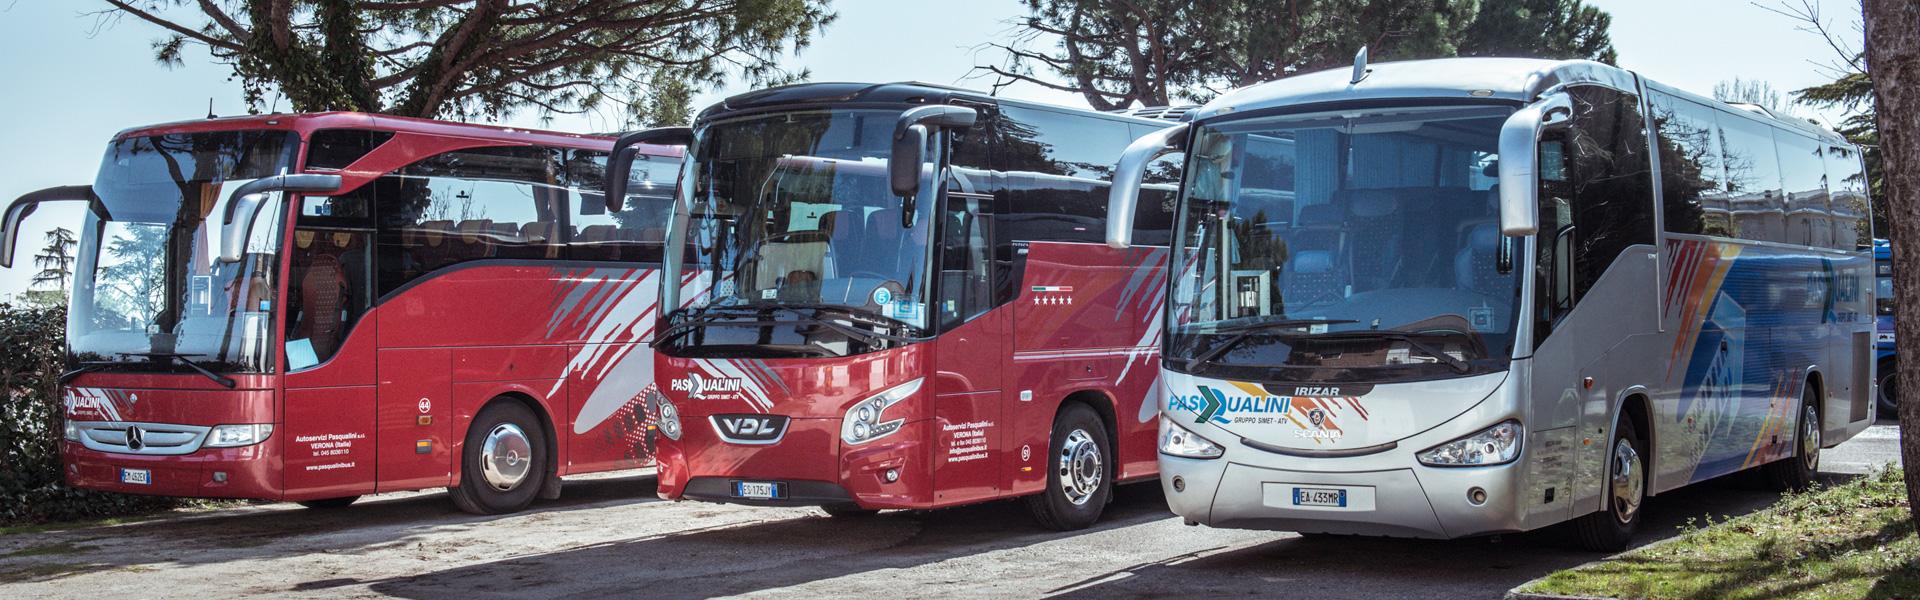 contatti header - pasqualini bus verona